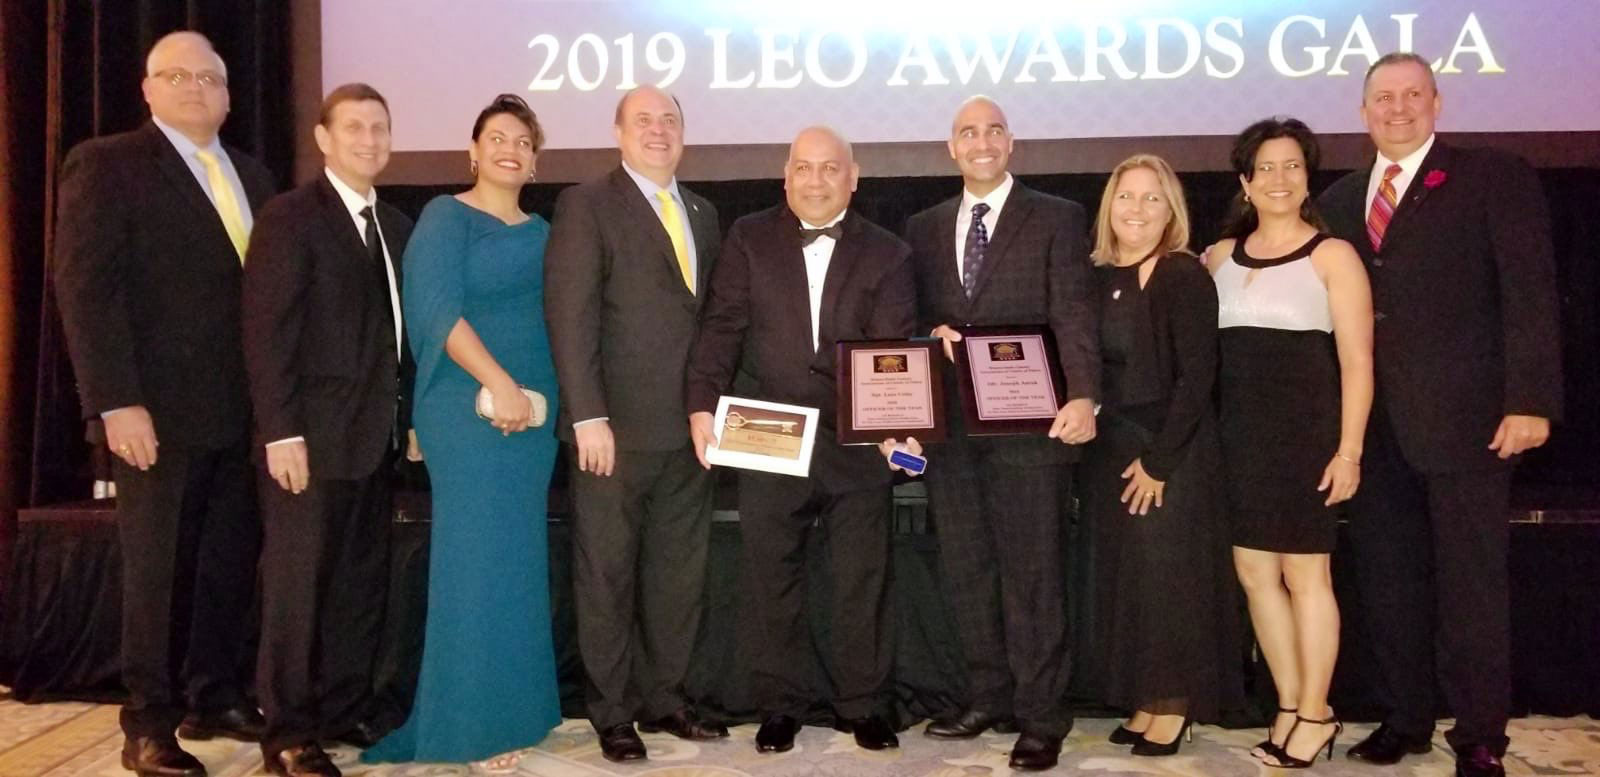 LEO Awards Image